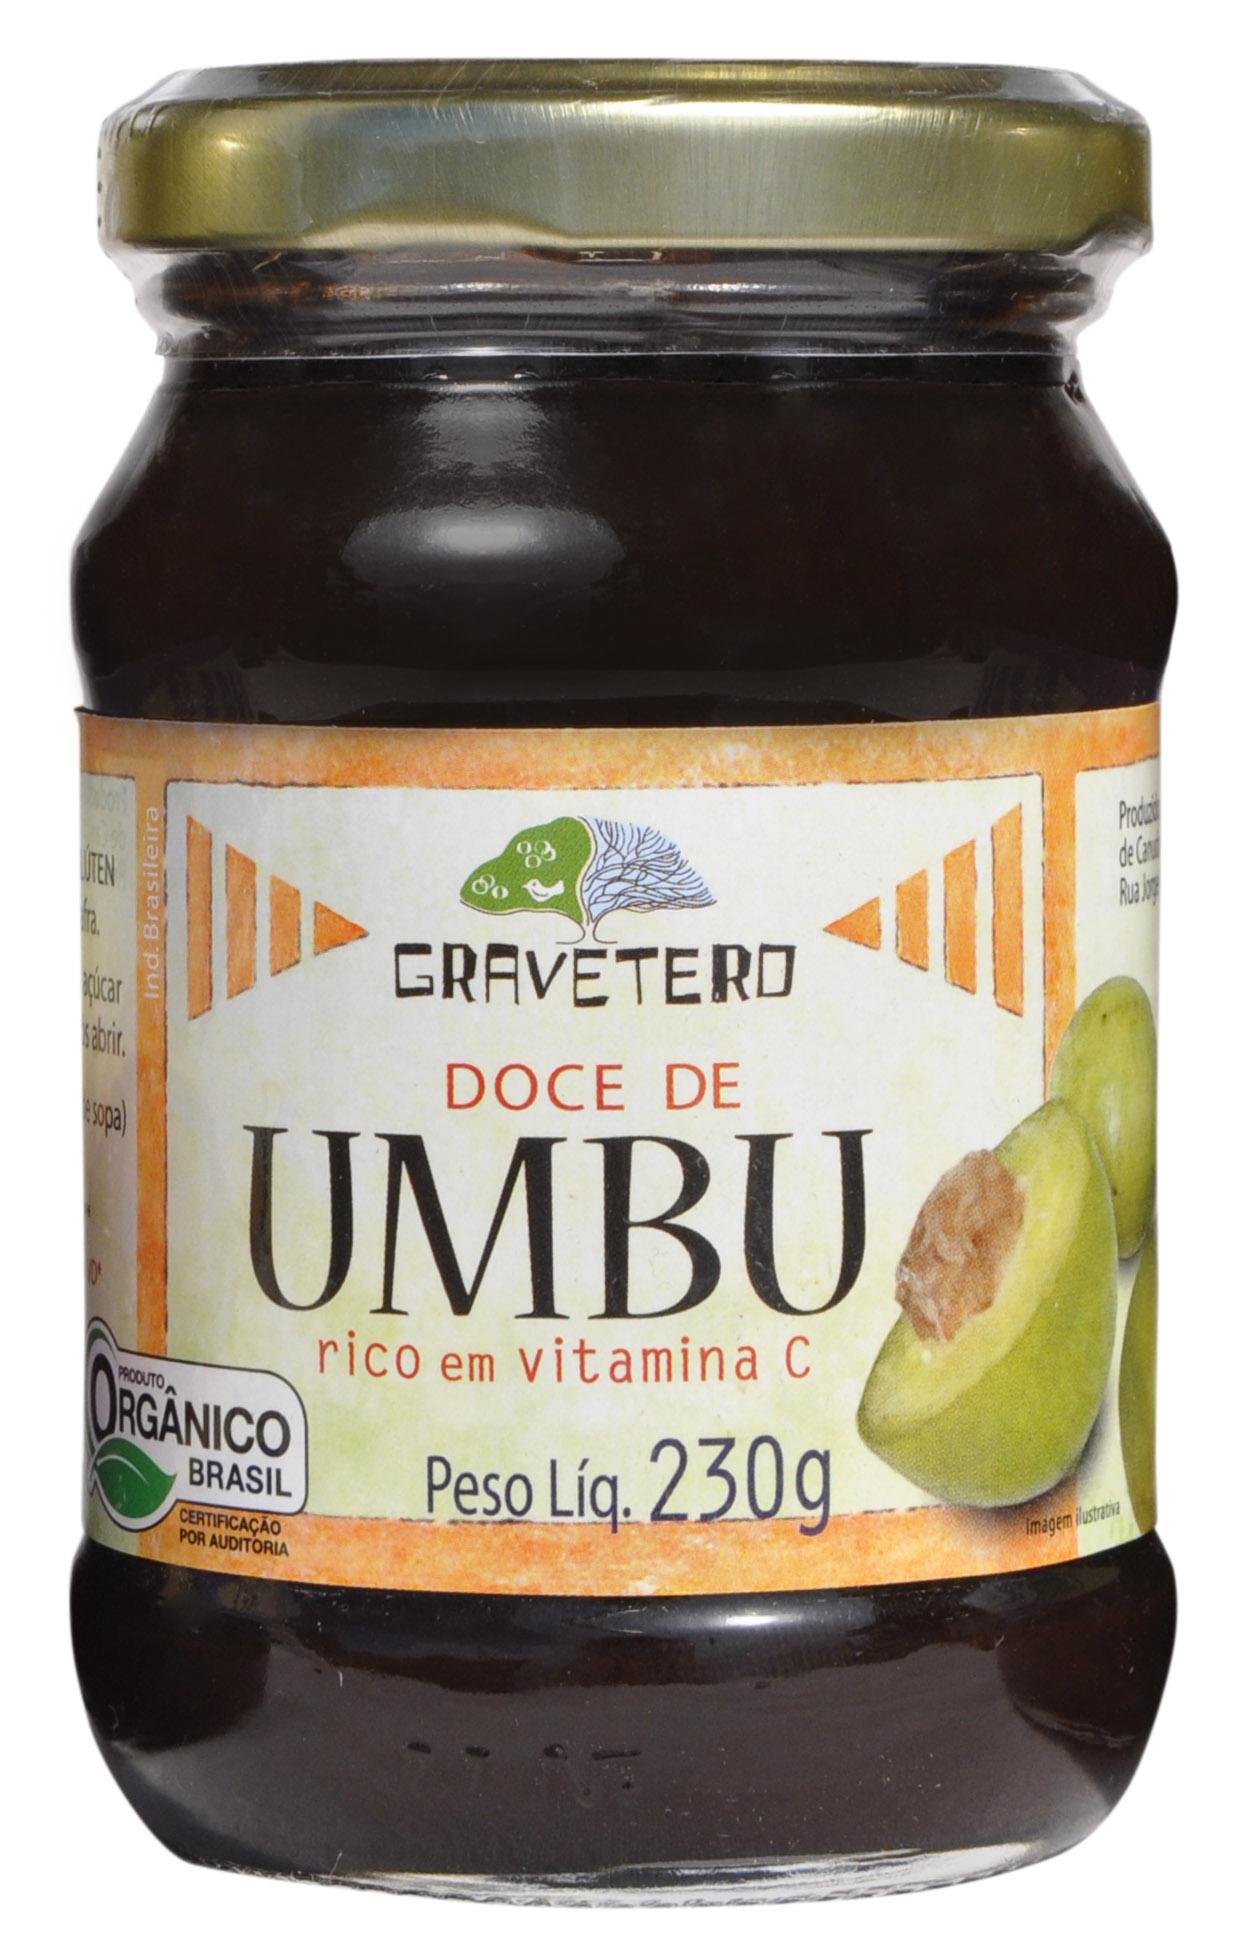 Doce de Umbu